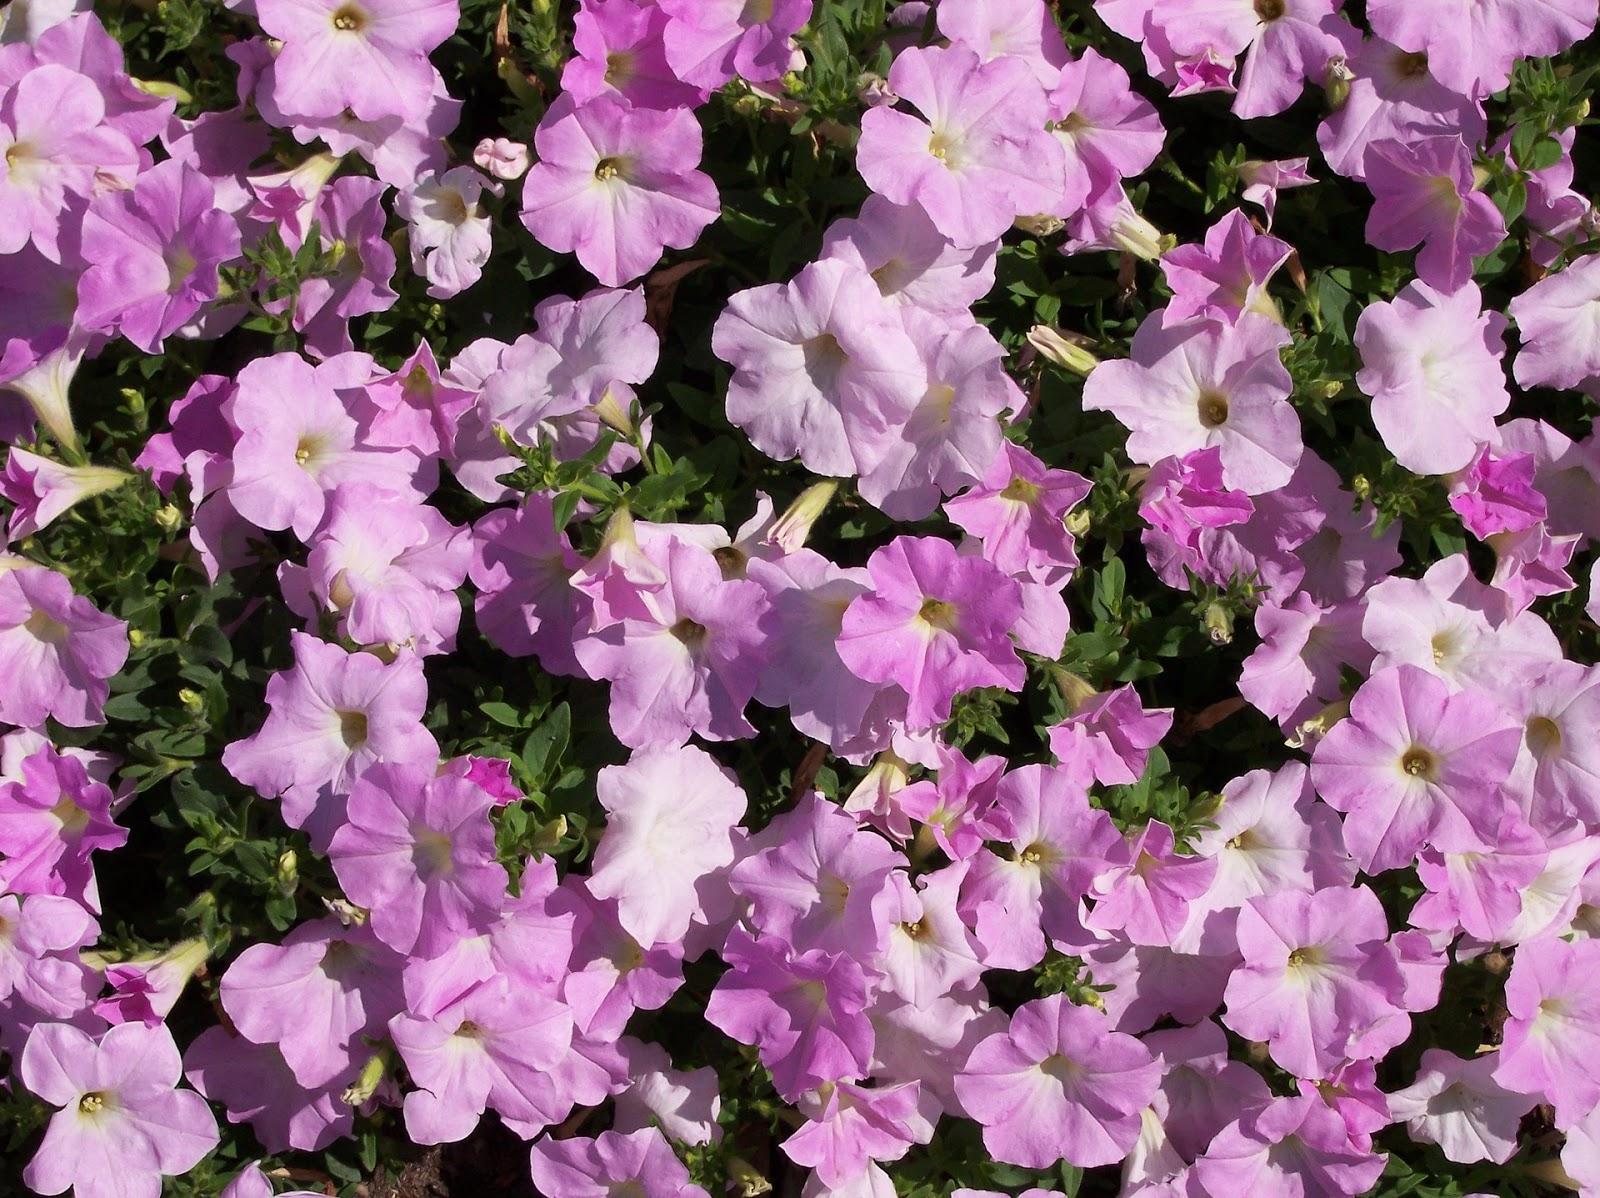 Growing petunias   UMN Extension